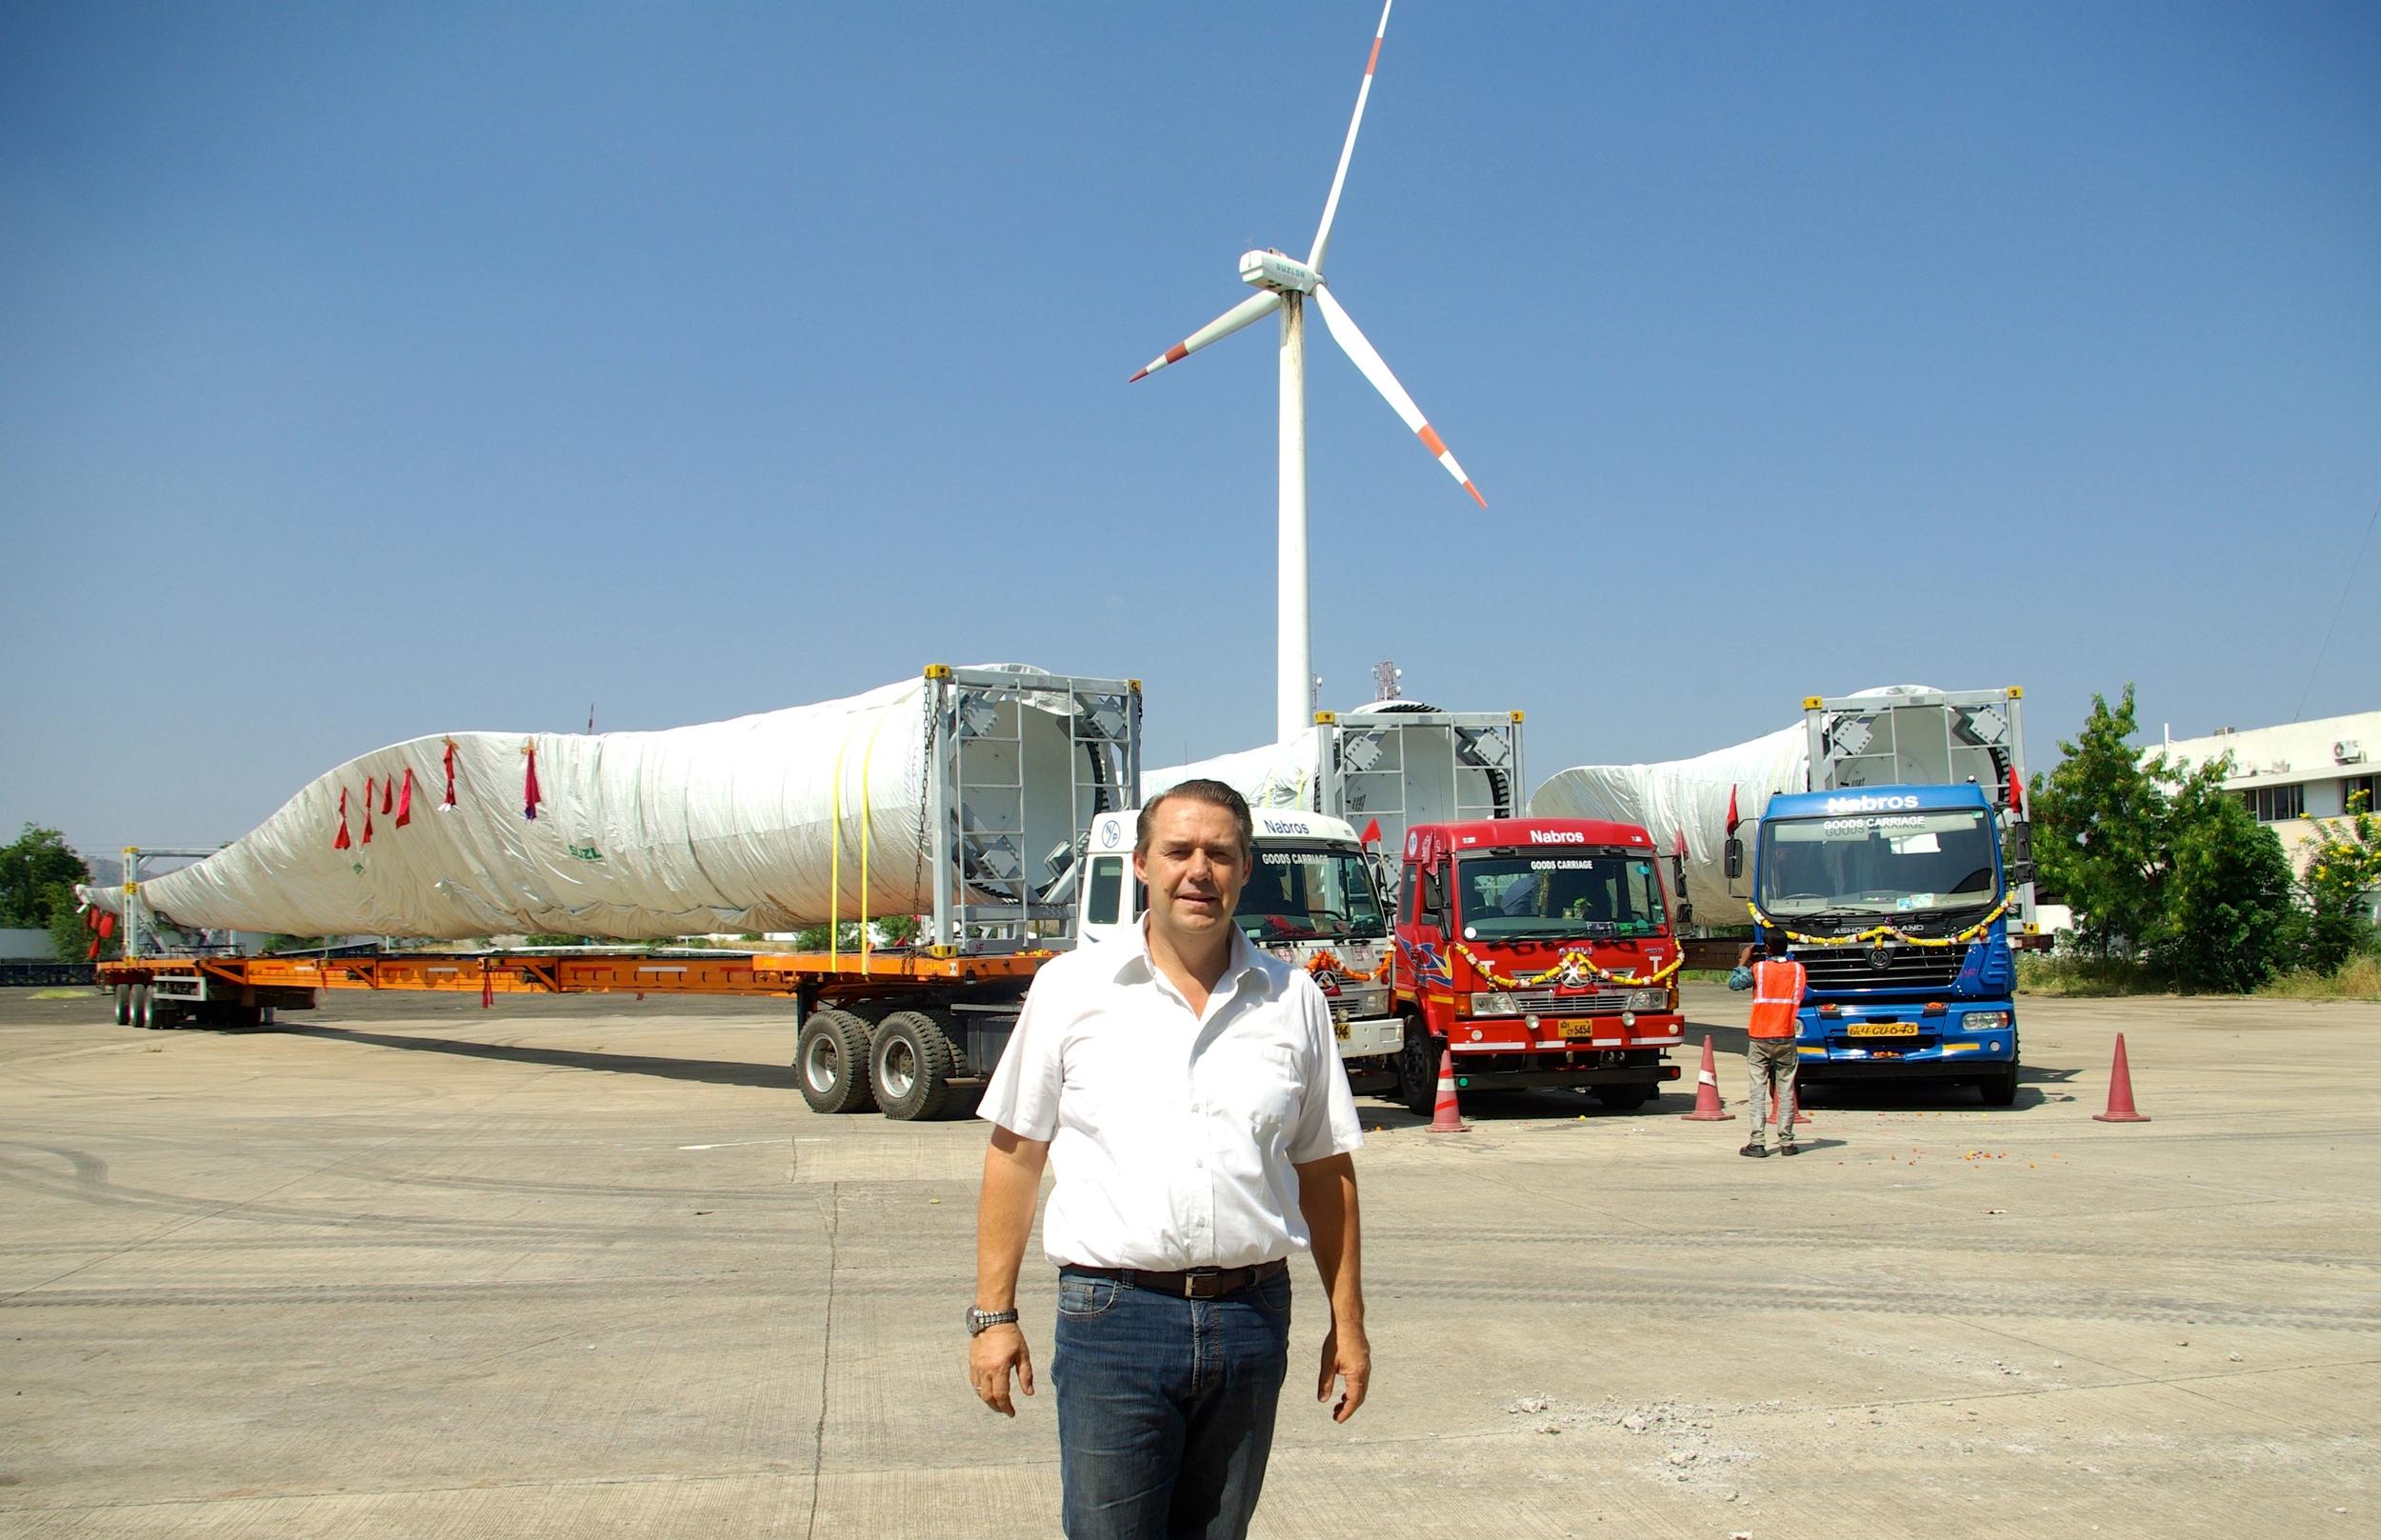 Gosse Wielinga op de productielocatie in India